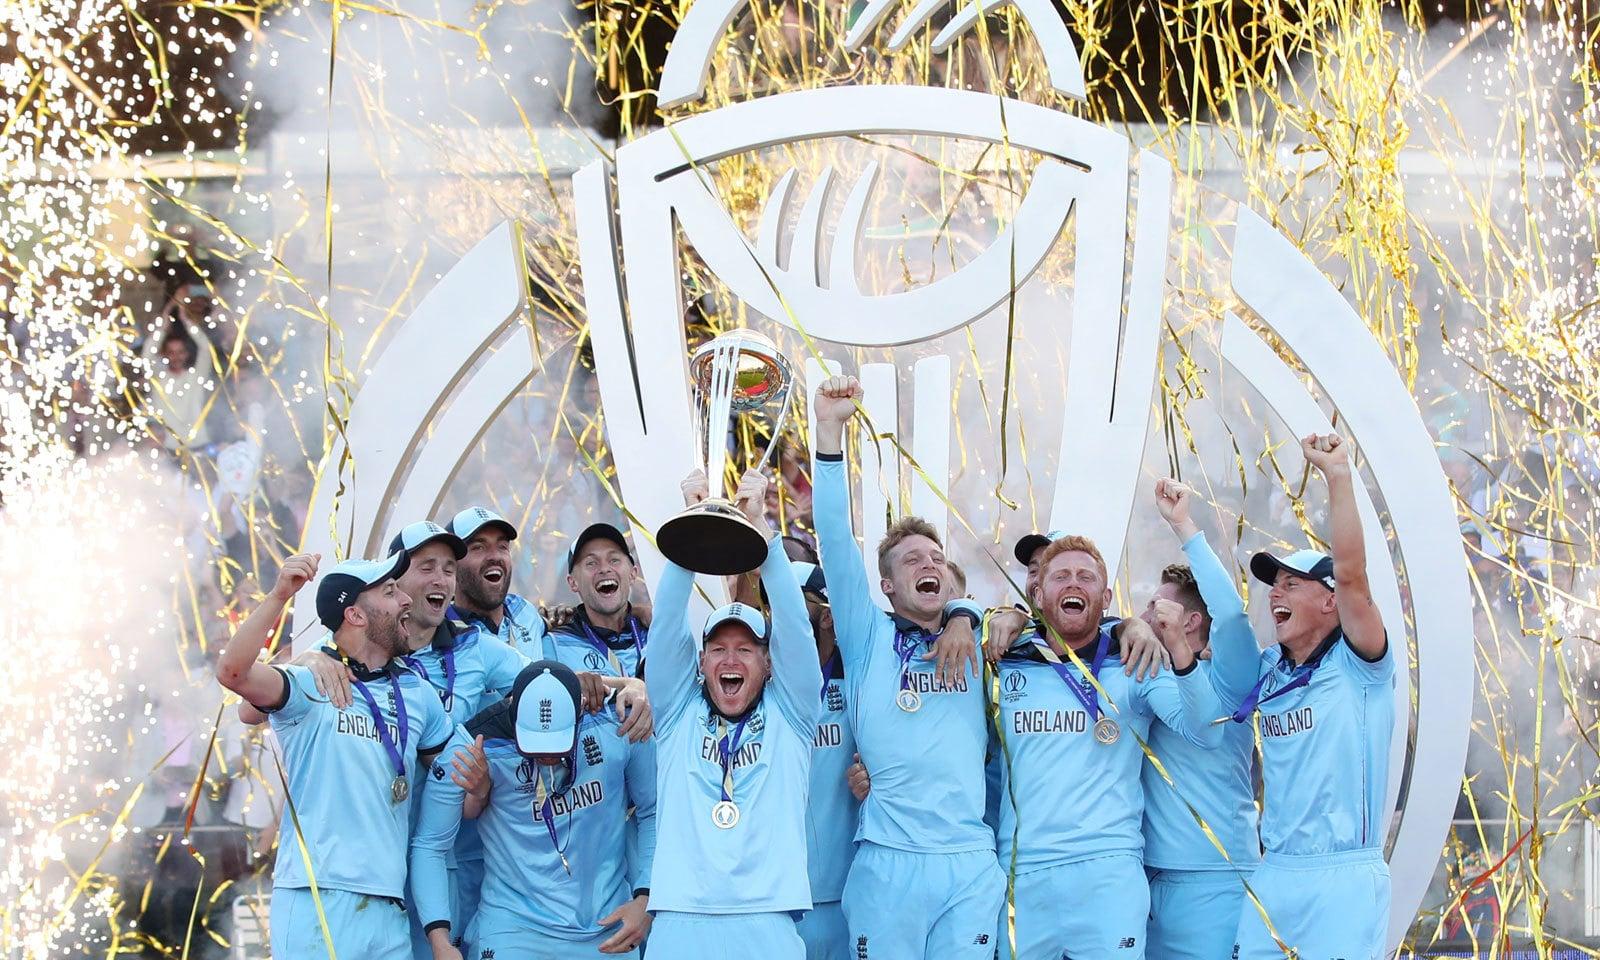 انگلینڈ نے پہلی مرتبہ ورلڈ چیمپیئن بننے کا اعزاز حاصل کر لیا— فوٹو: اے ایف پی